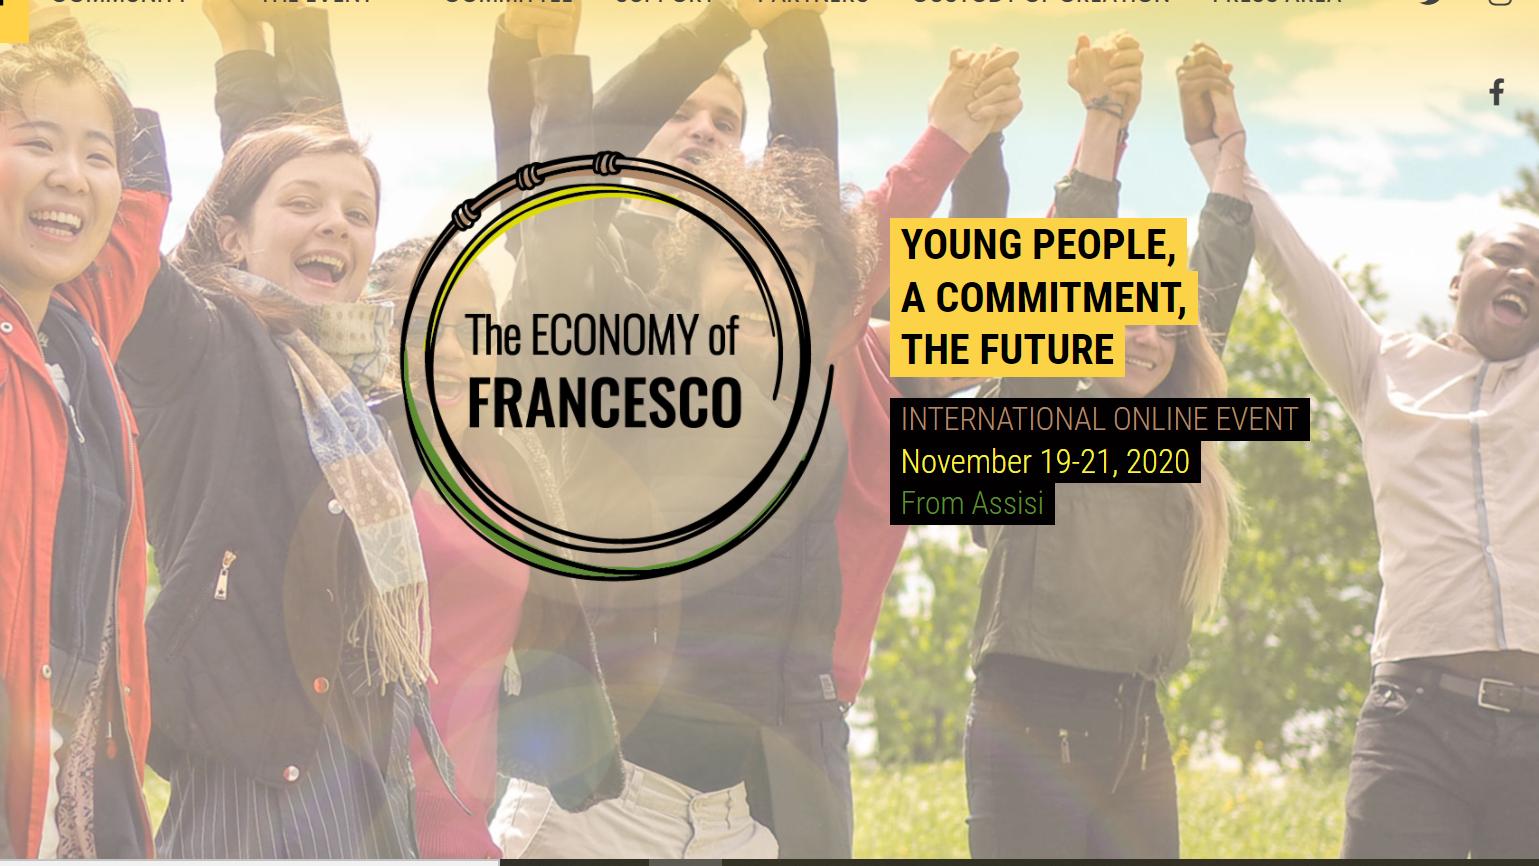 The Economy of francesco – dal 19 al 21 novembre in streaming